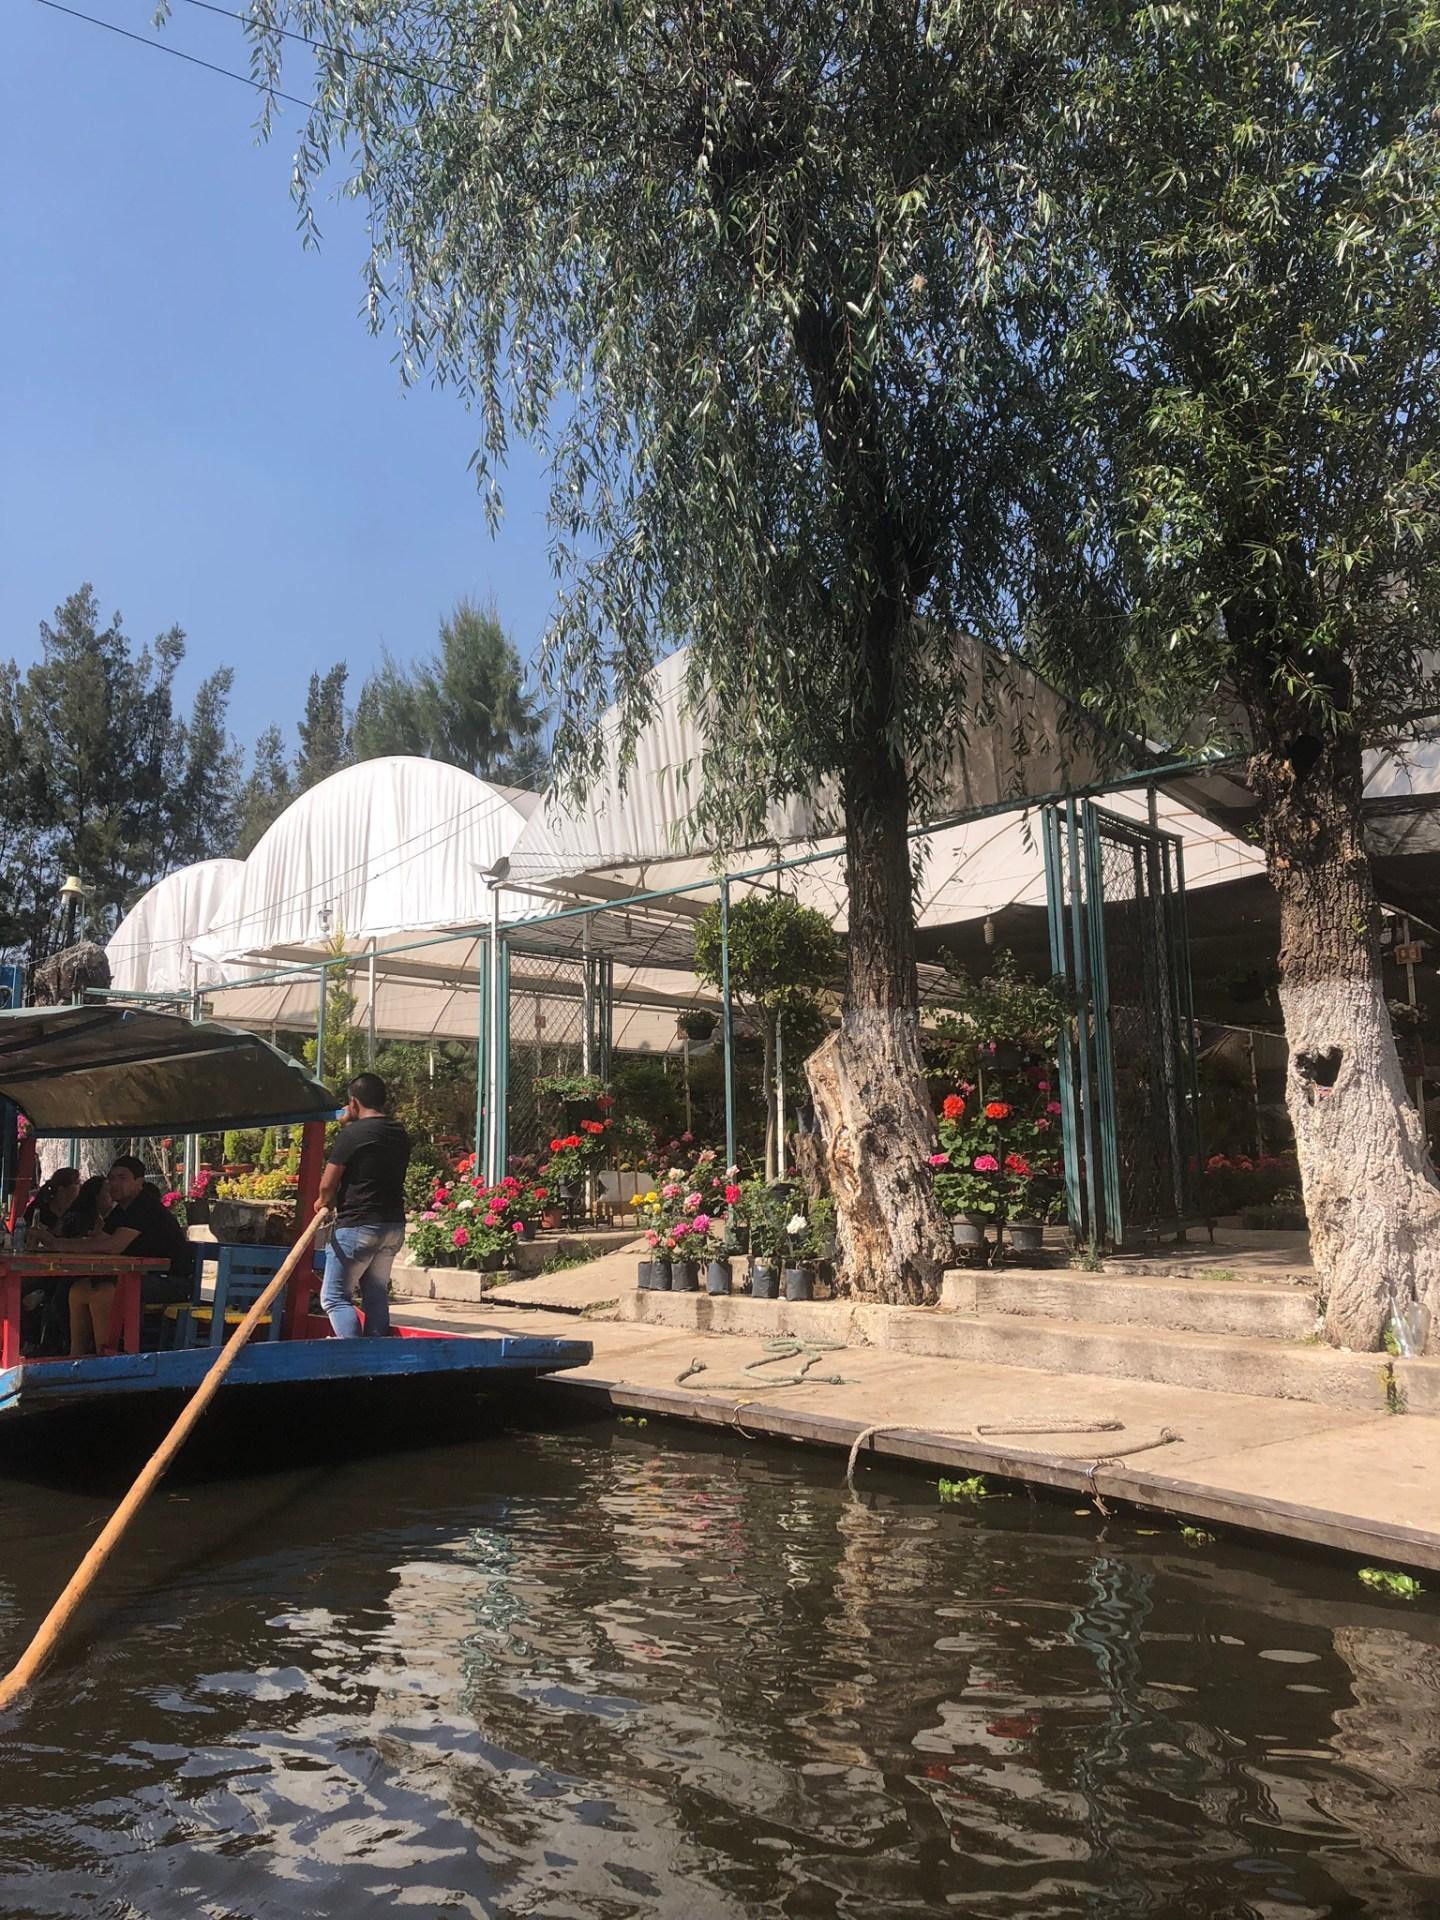 Gardens along Xochimilco, Mexico City